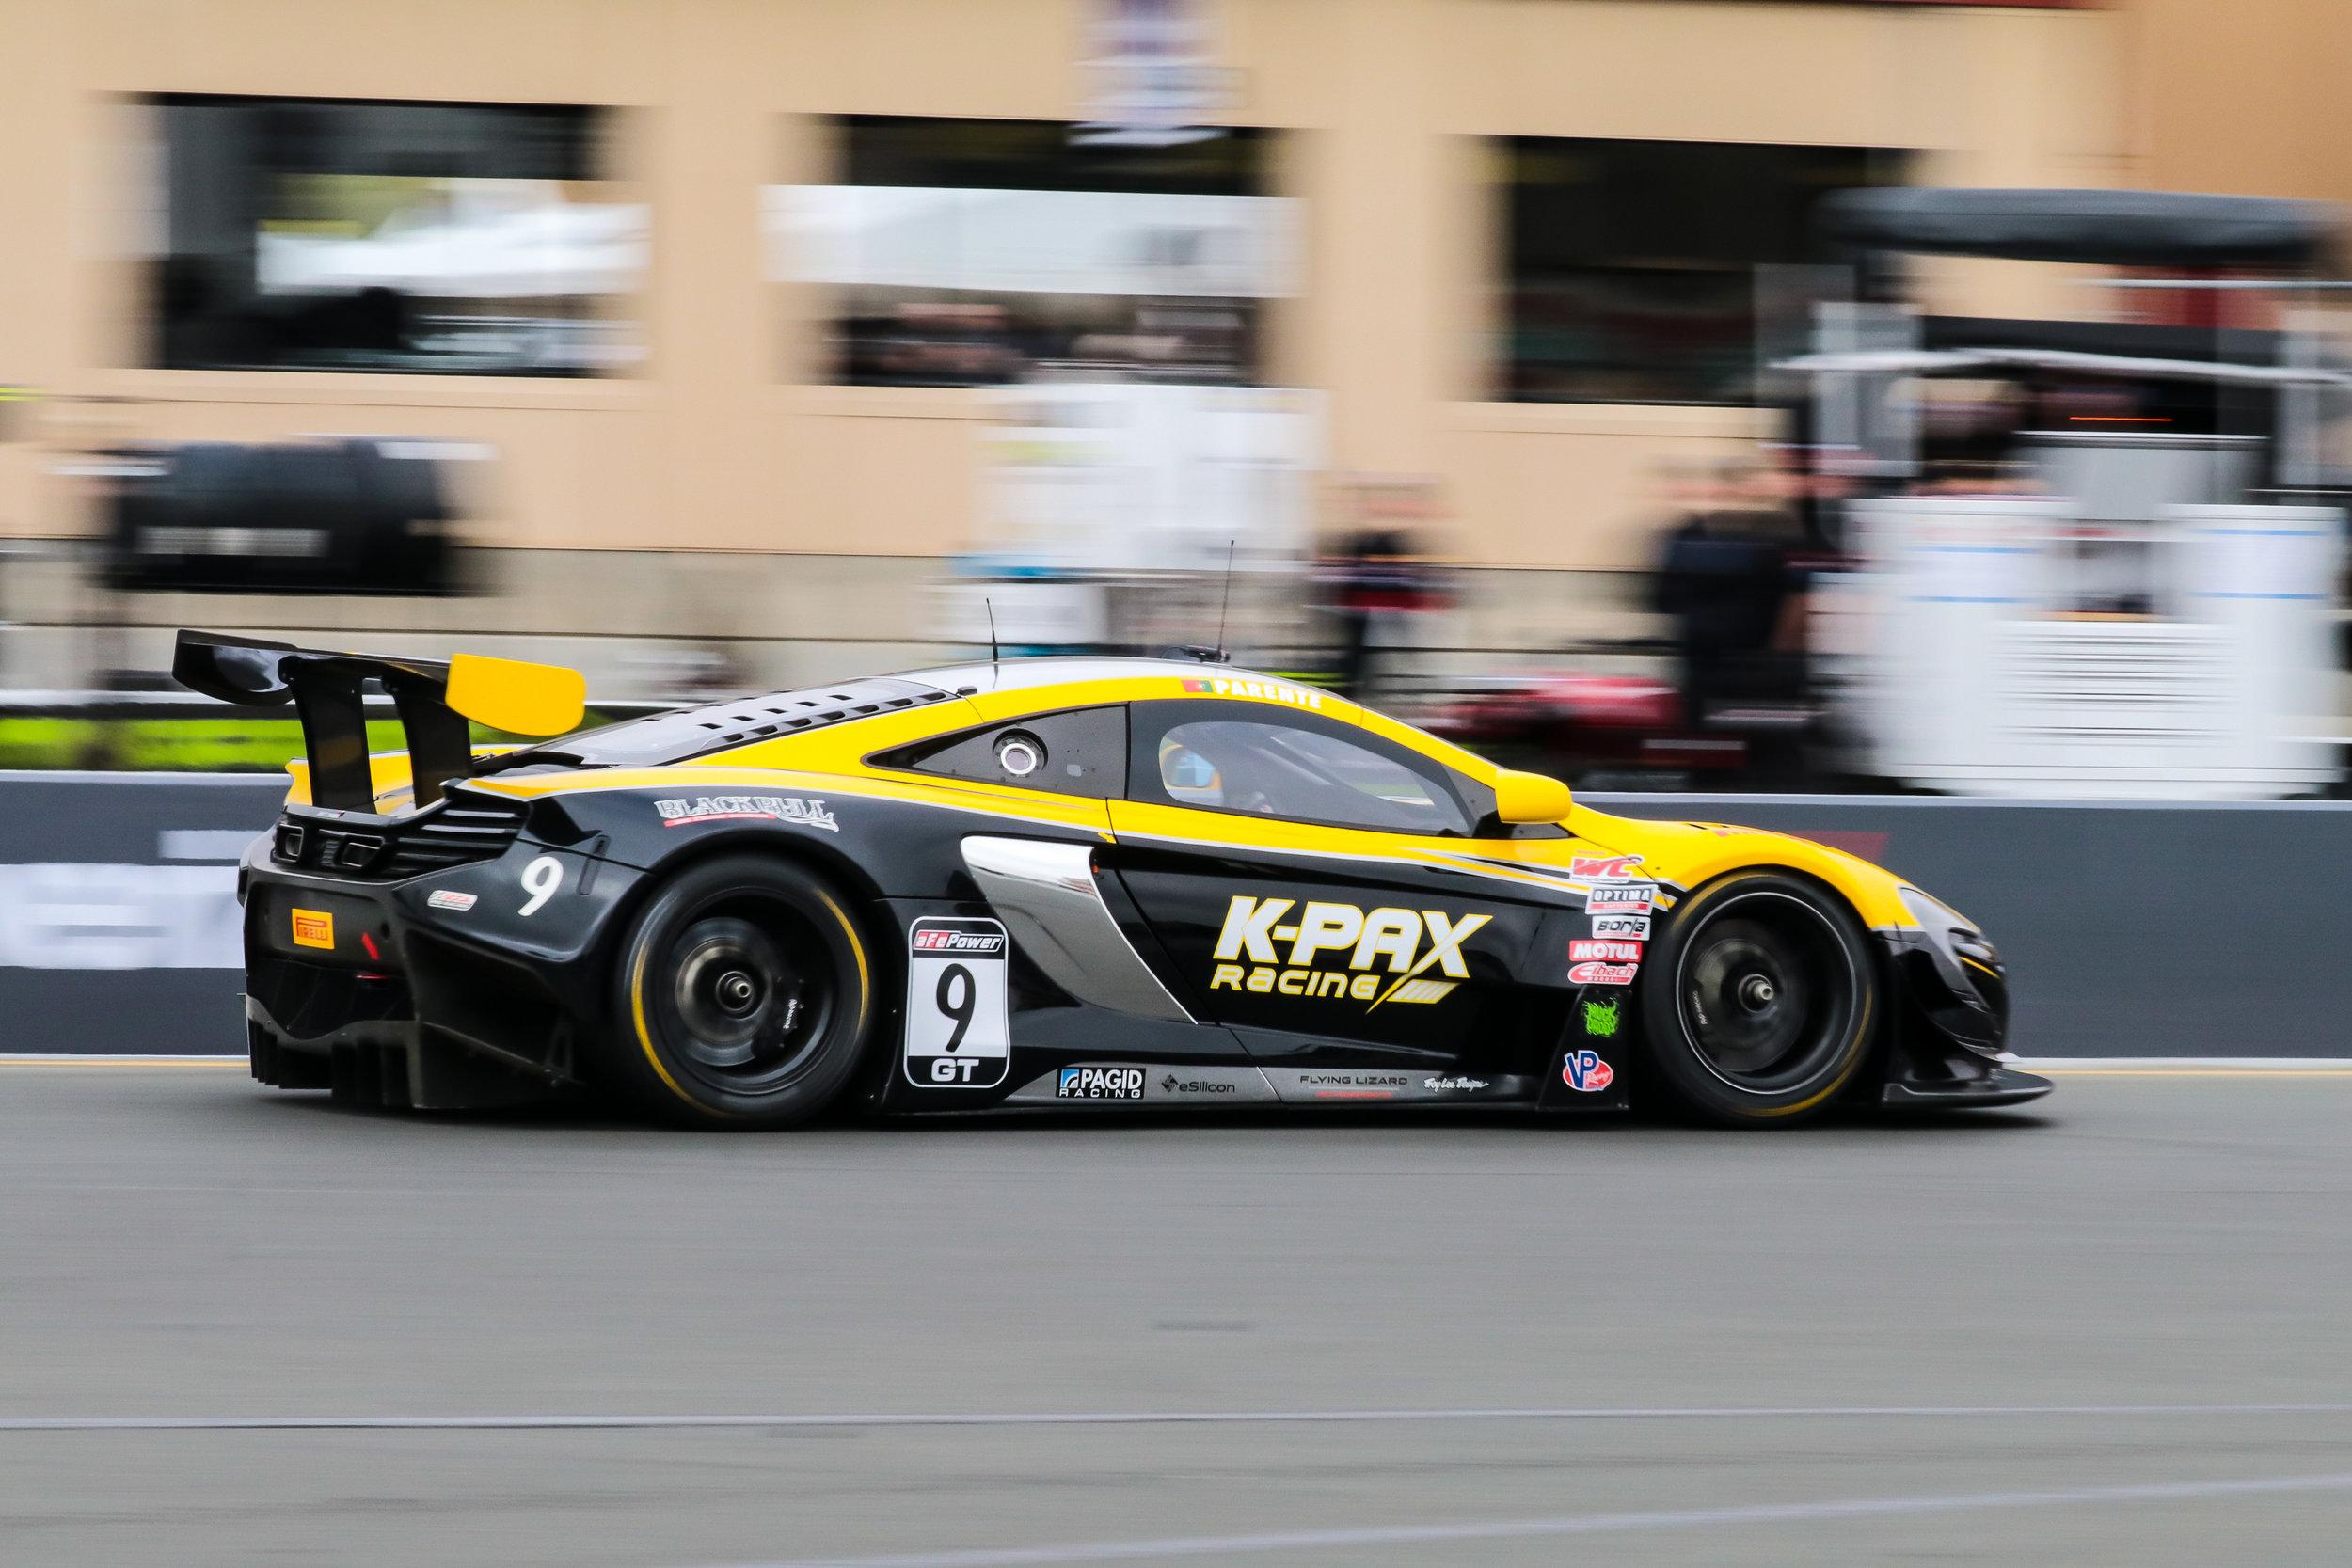 Alvaro Parenta driving the #9 K-Pax Racing McLaren 650s